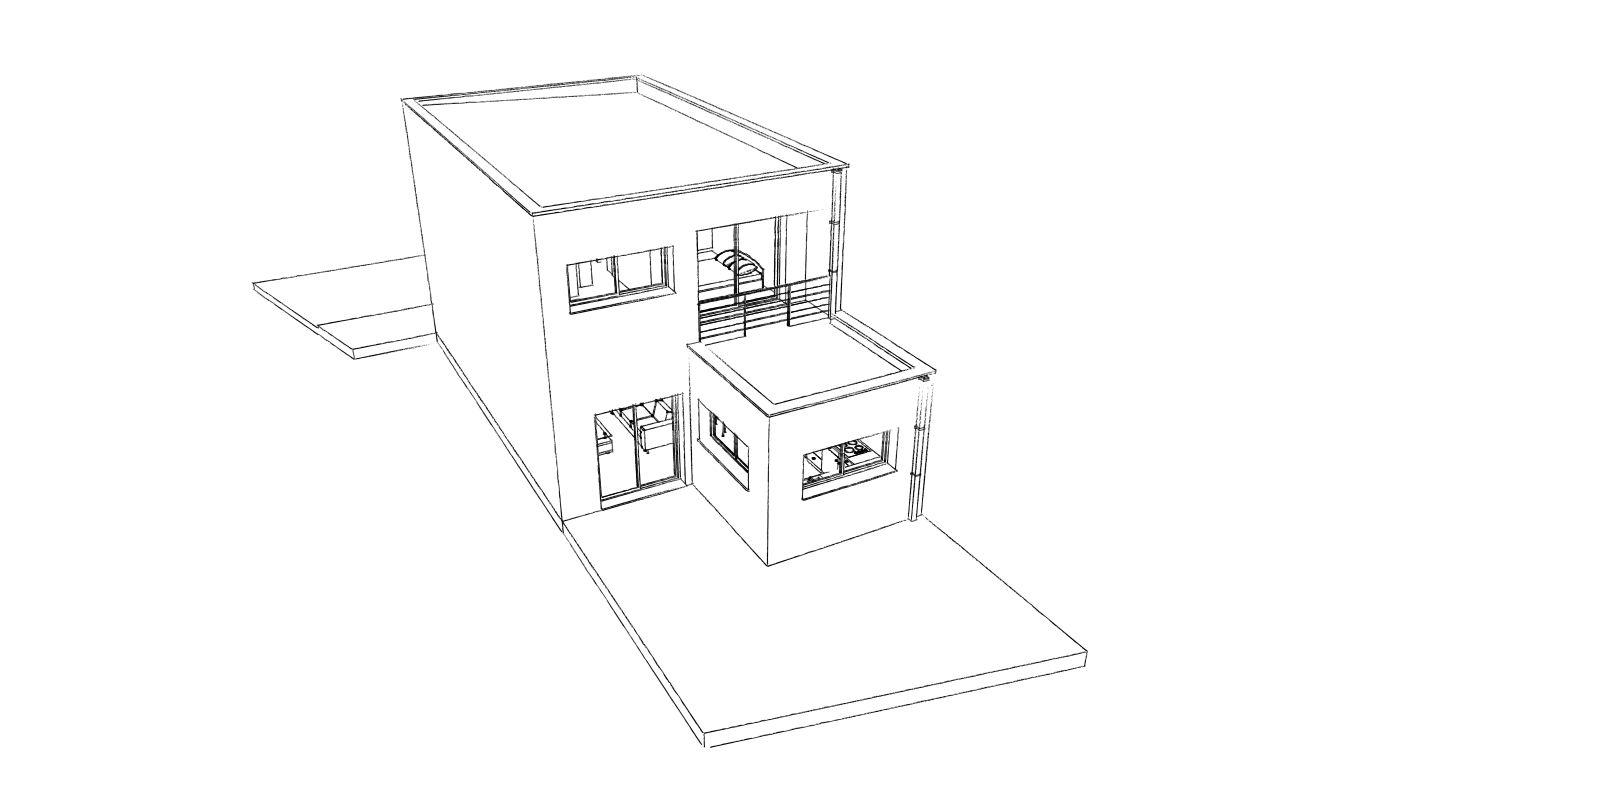 16.22 Atelier permis de construire maison individuelle3